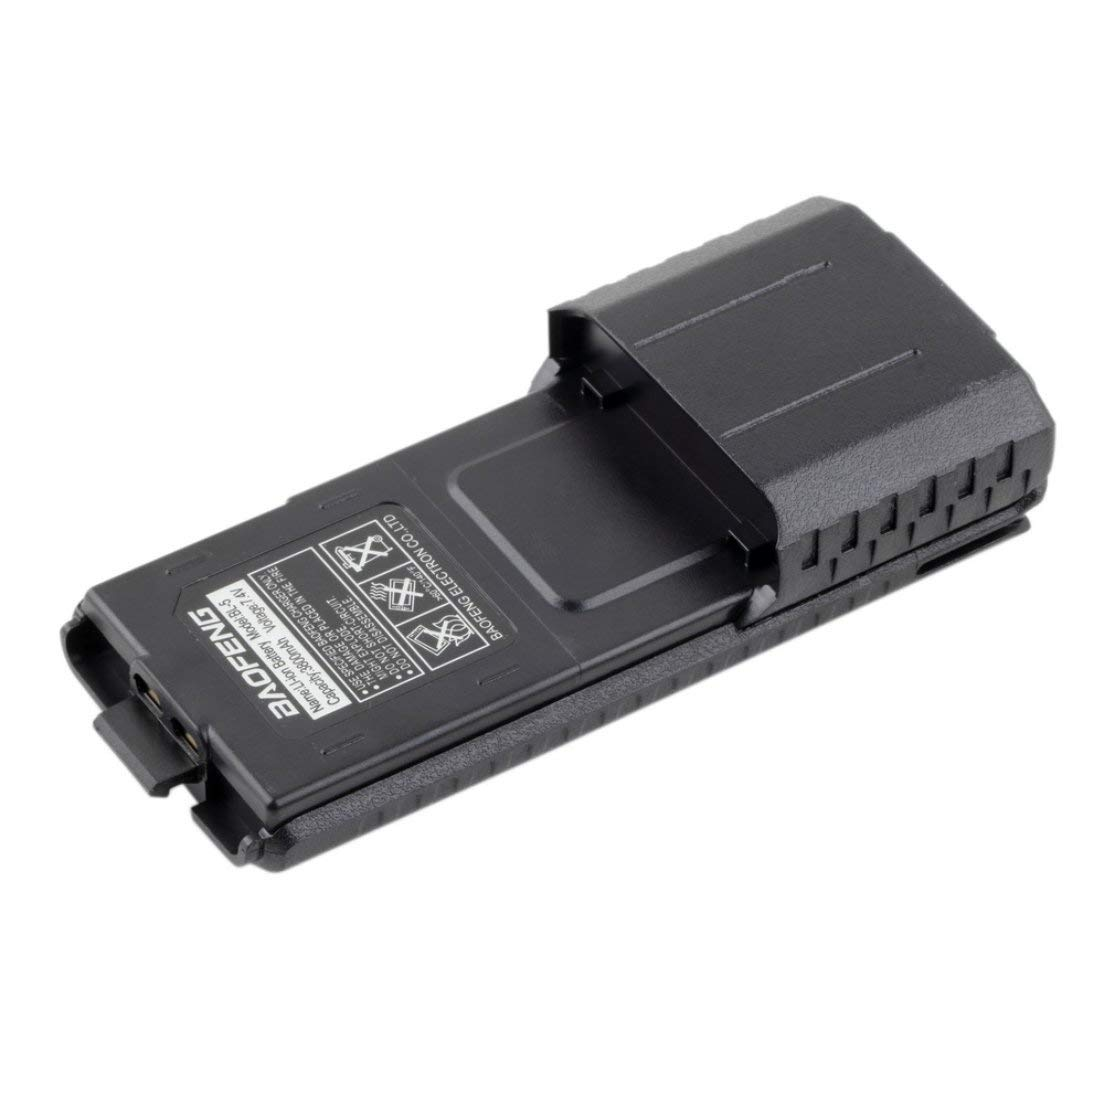 Color:Black Kaemma para Baofeng BL-5L 3800mah 7.4v Reemplazo extendido de la bater/ía de i/ón de Litio y energ/ía de Respaldo de la bater/ía para la Radio Baofeng UV-5R